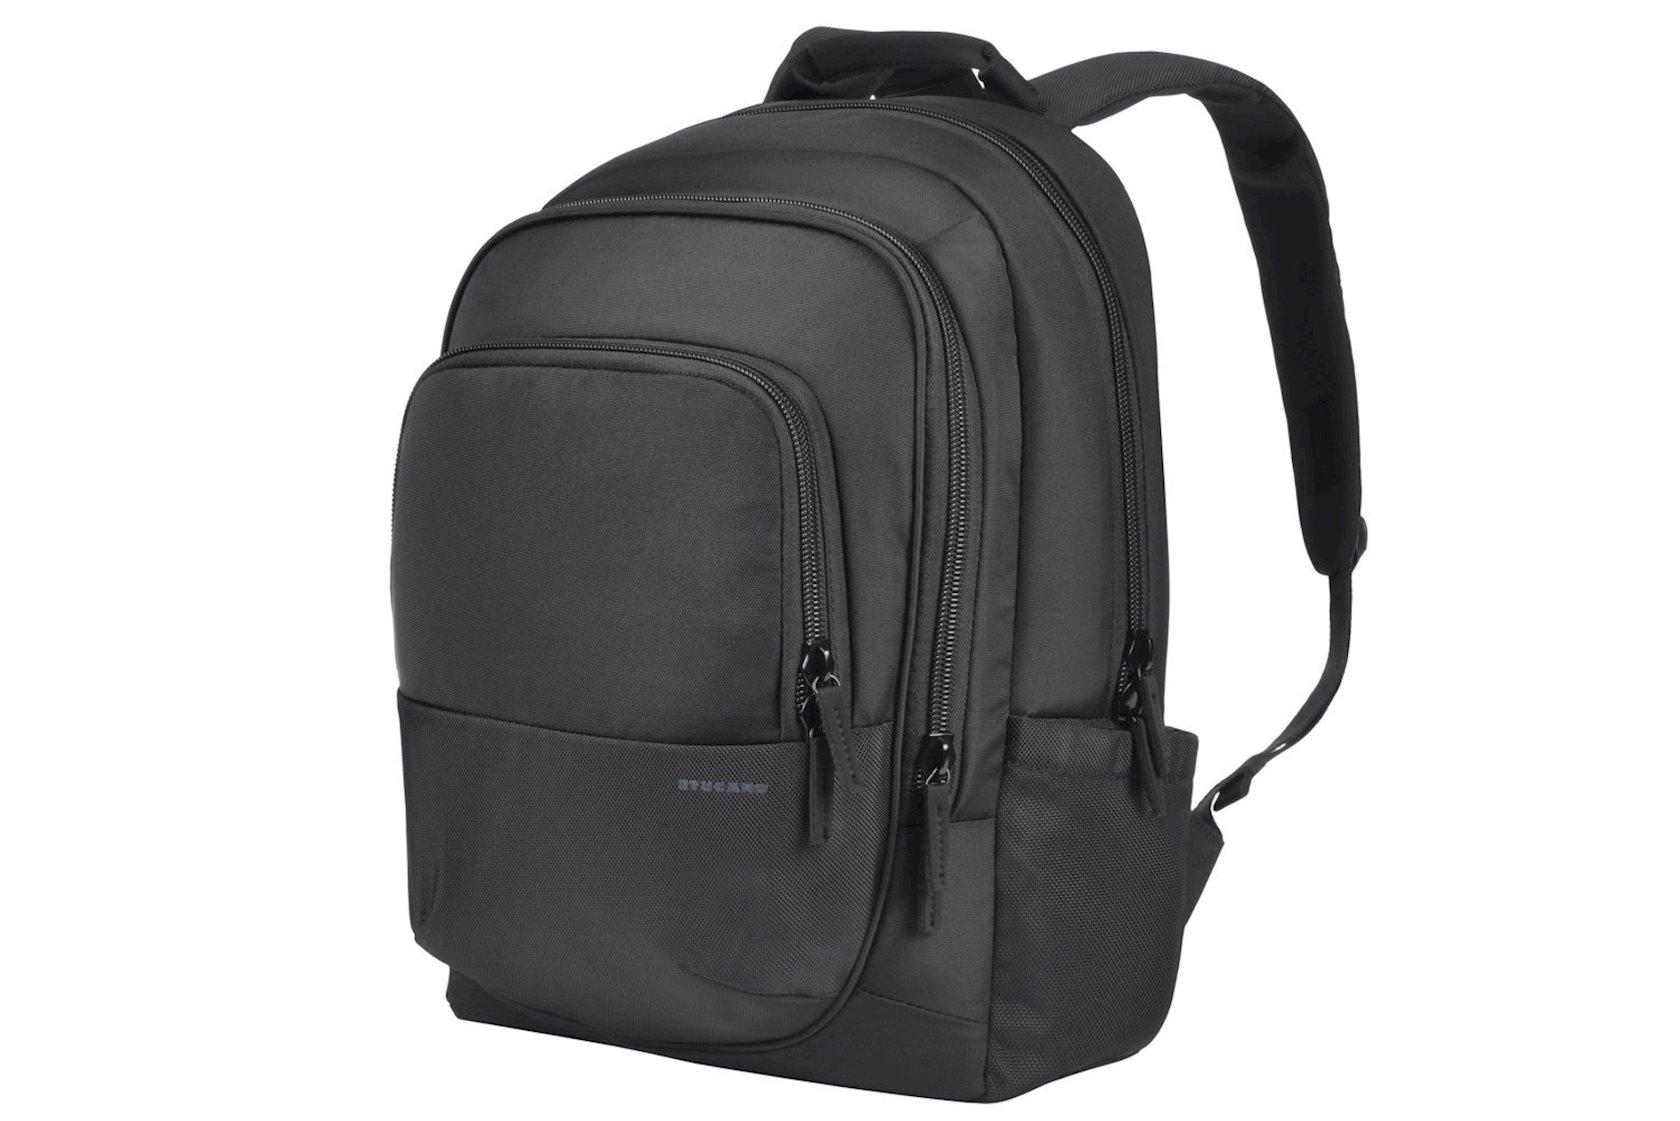 Bel çantası noutbuk üçün Tucano Stilo 17, qara